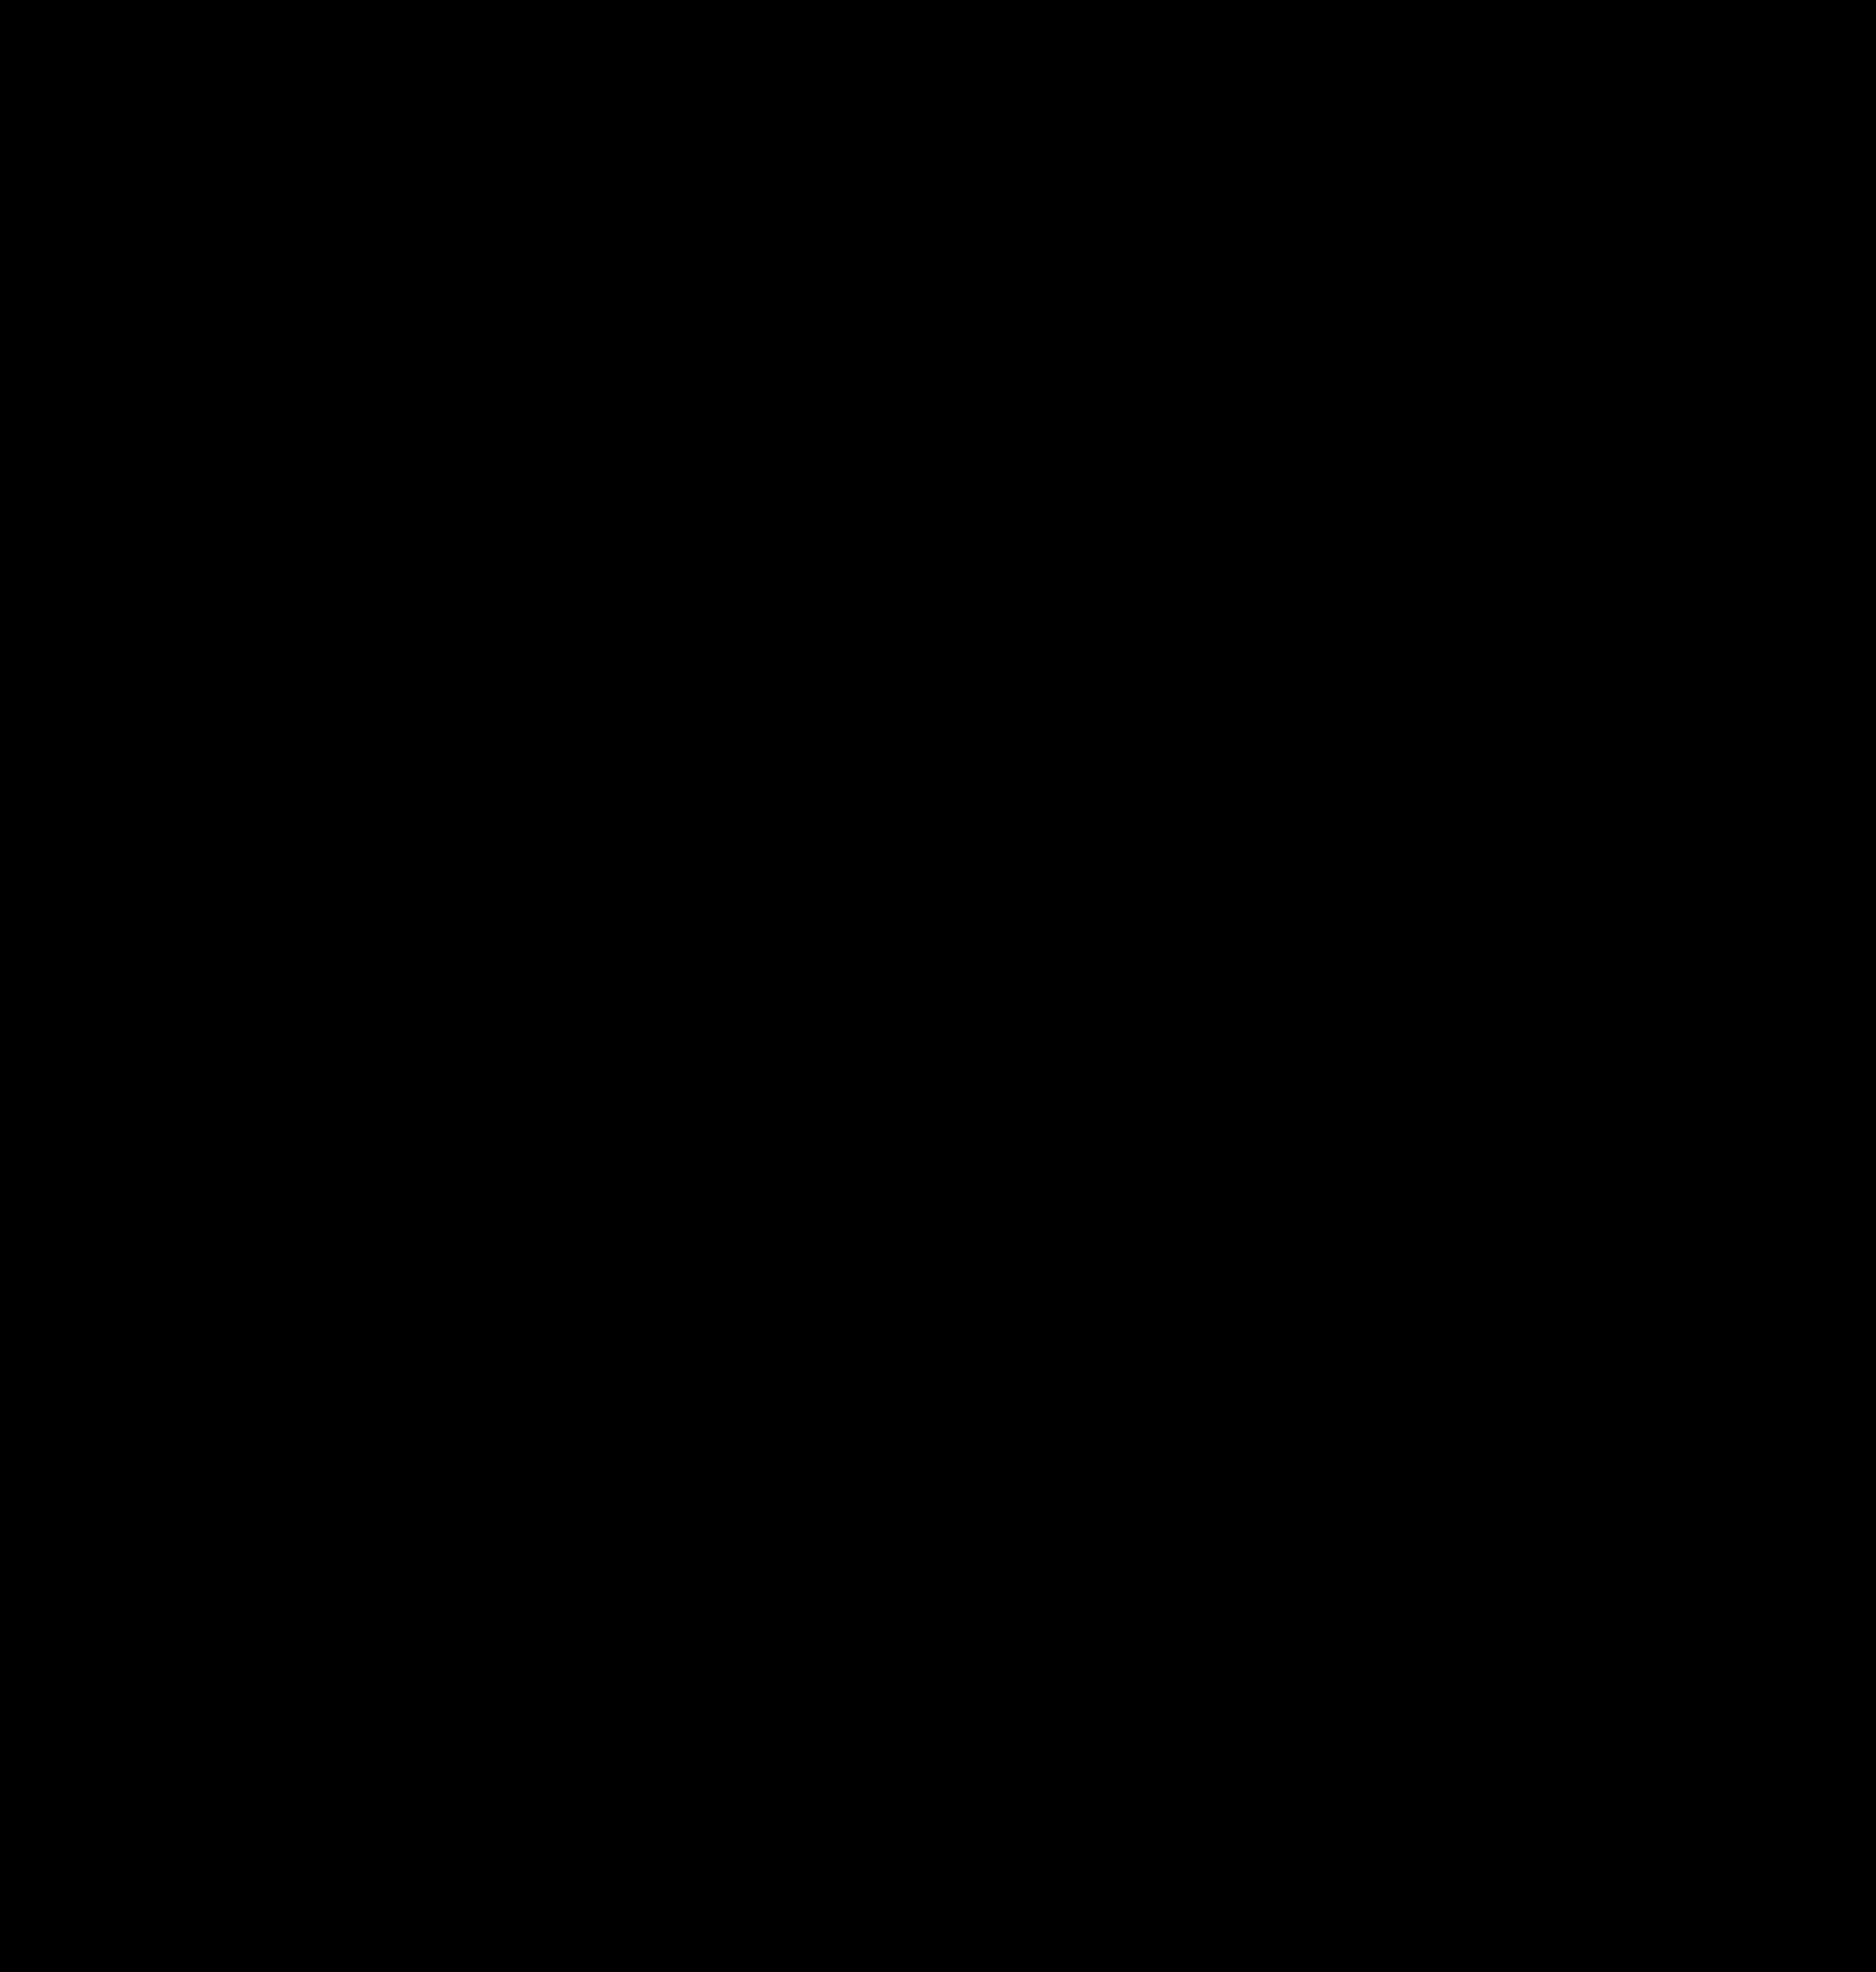 Sun symbol clipart clip art freeuse Clipart - Sun Icon clip art freeuse